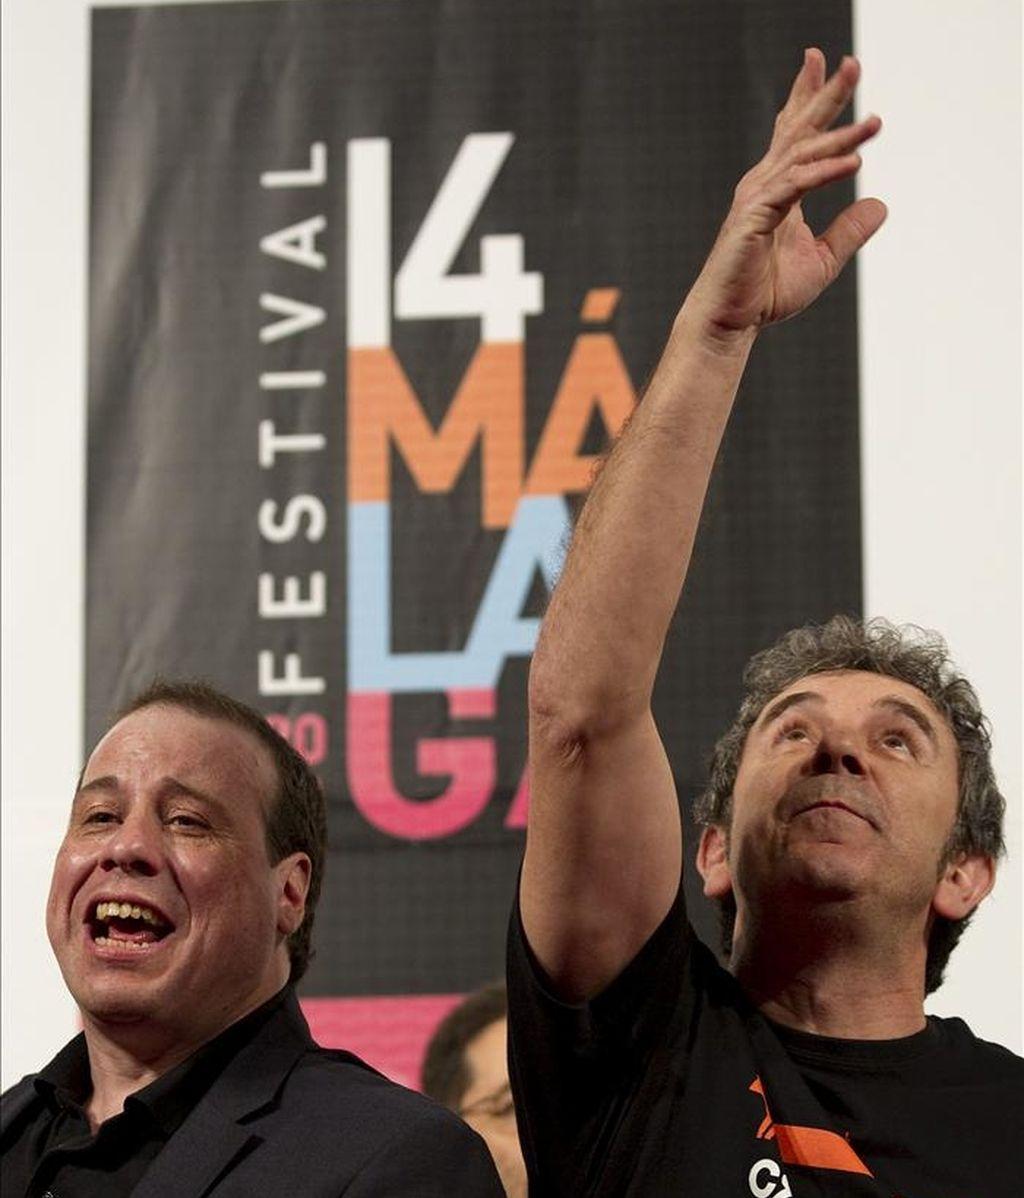 """El director Enrique Otero (i) y el actor Miguel de Lira, durante la rueda de prensa de la presentación de la película """"Crebinsky"""", una historia que, aunque tiene tintes de comedia, por ausencia de un género determinado, llega a ser """"degenerada"""", como la califican sus actores, y se desarrolla en Galicia durante la Segunda Guerra Mundial, durante el  Festival de Cine Español de Málaga. EFE"""